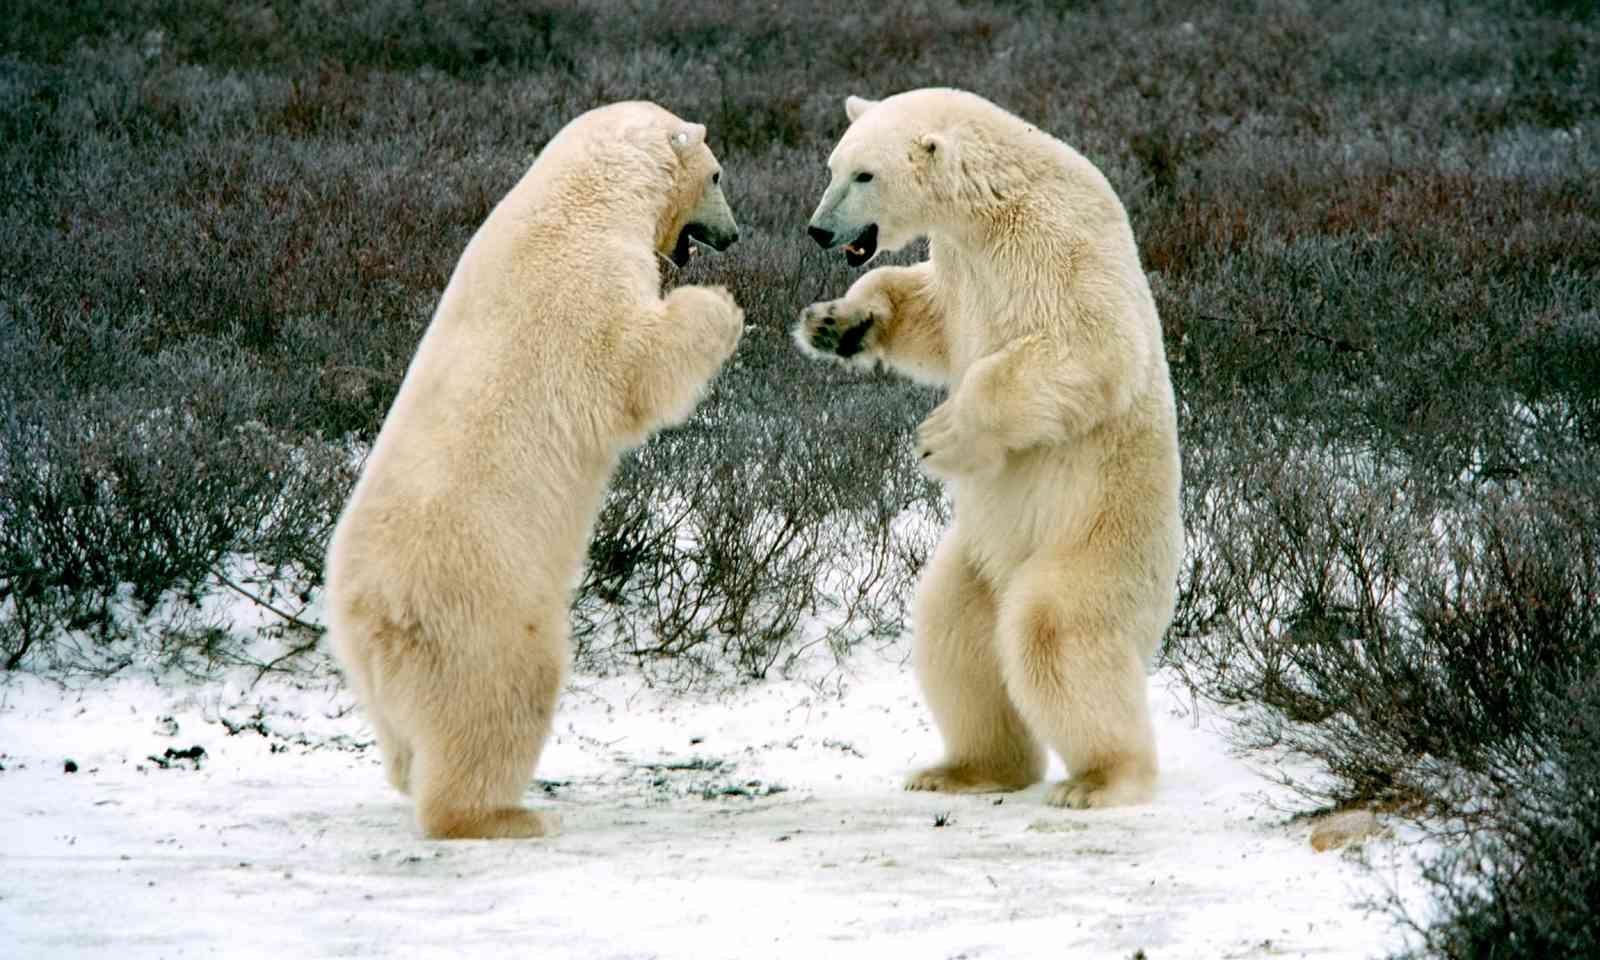 Polar bears in the tundra near Churchill (Shutterstock.com)